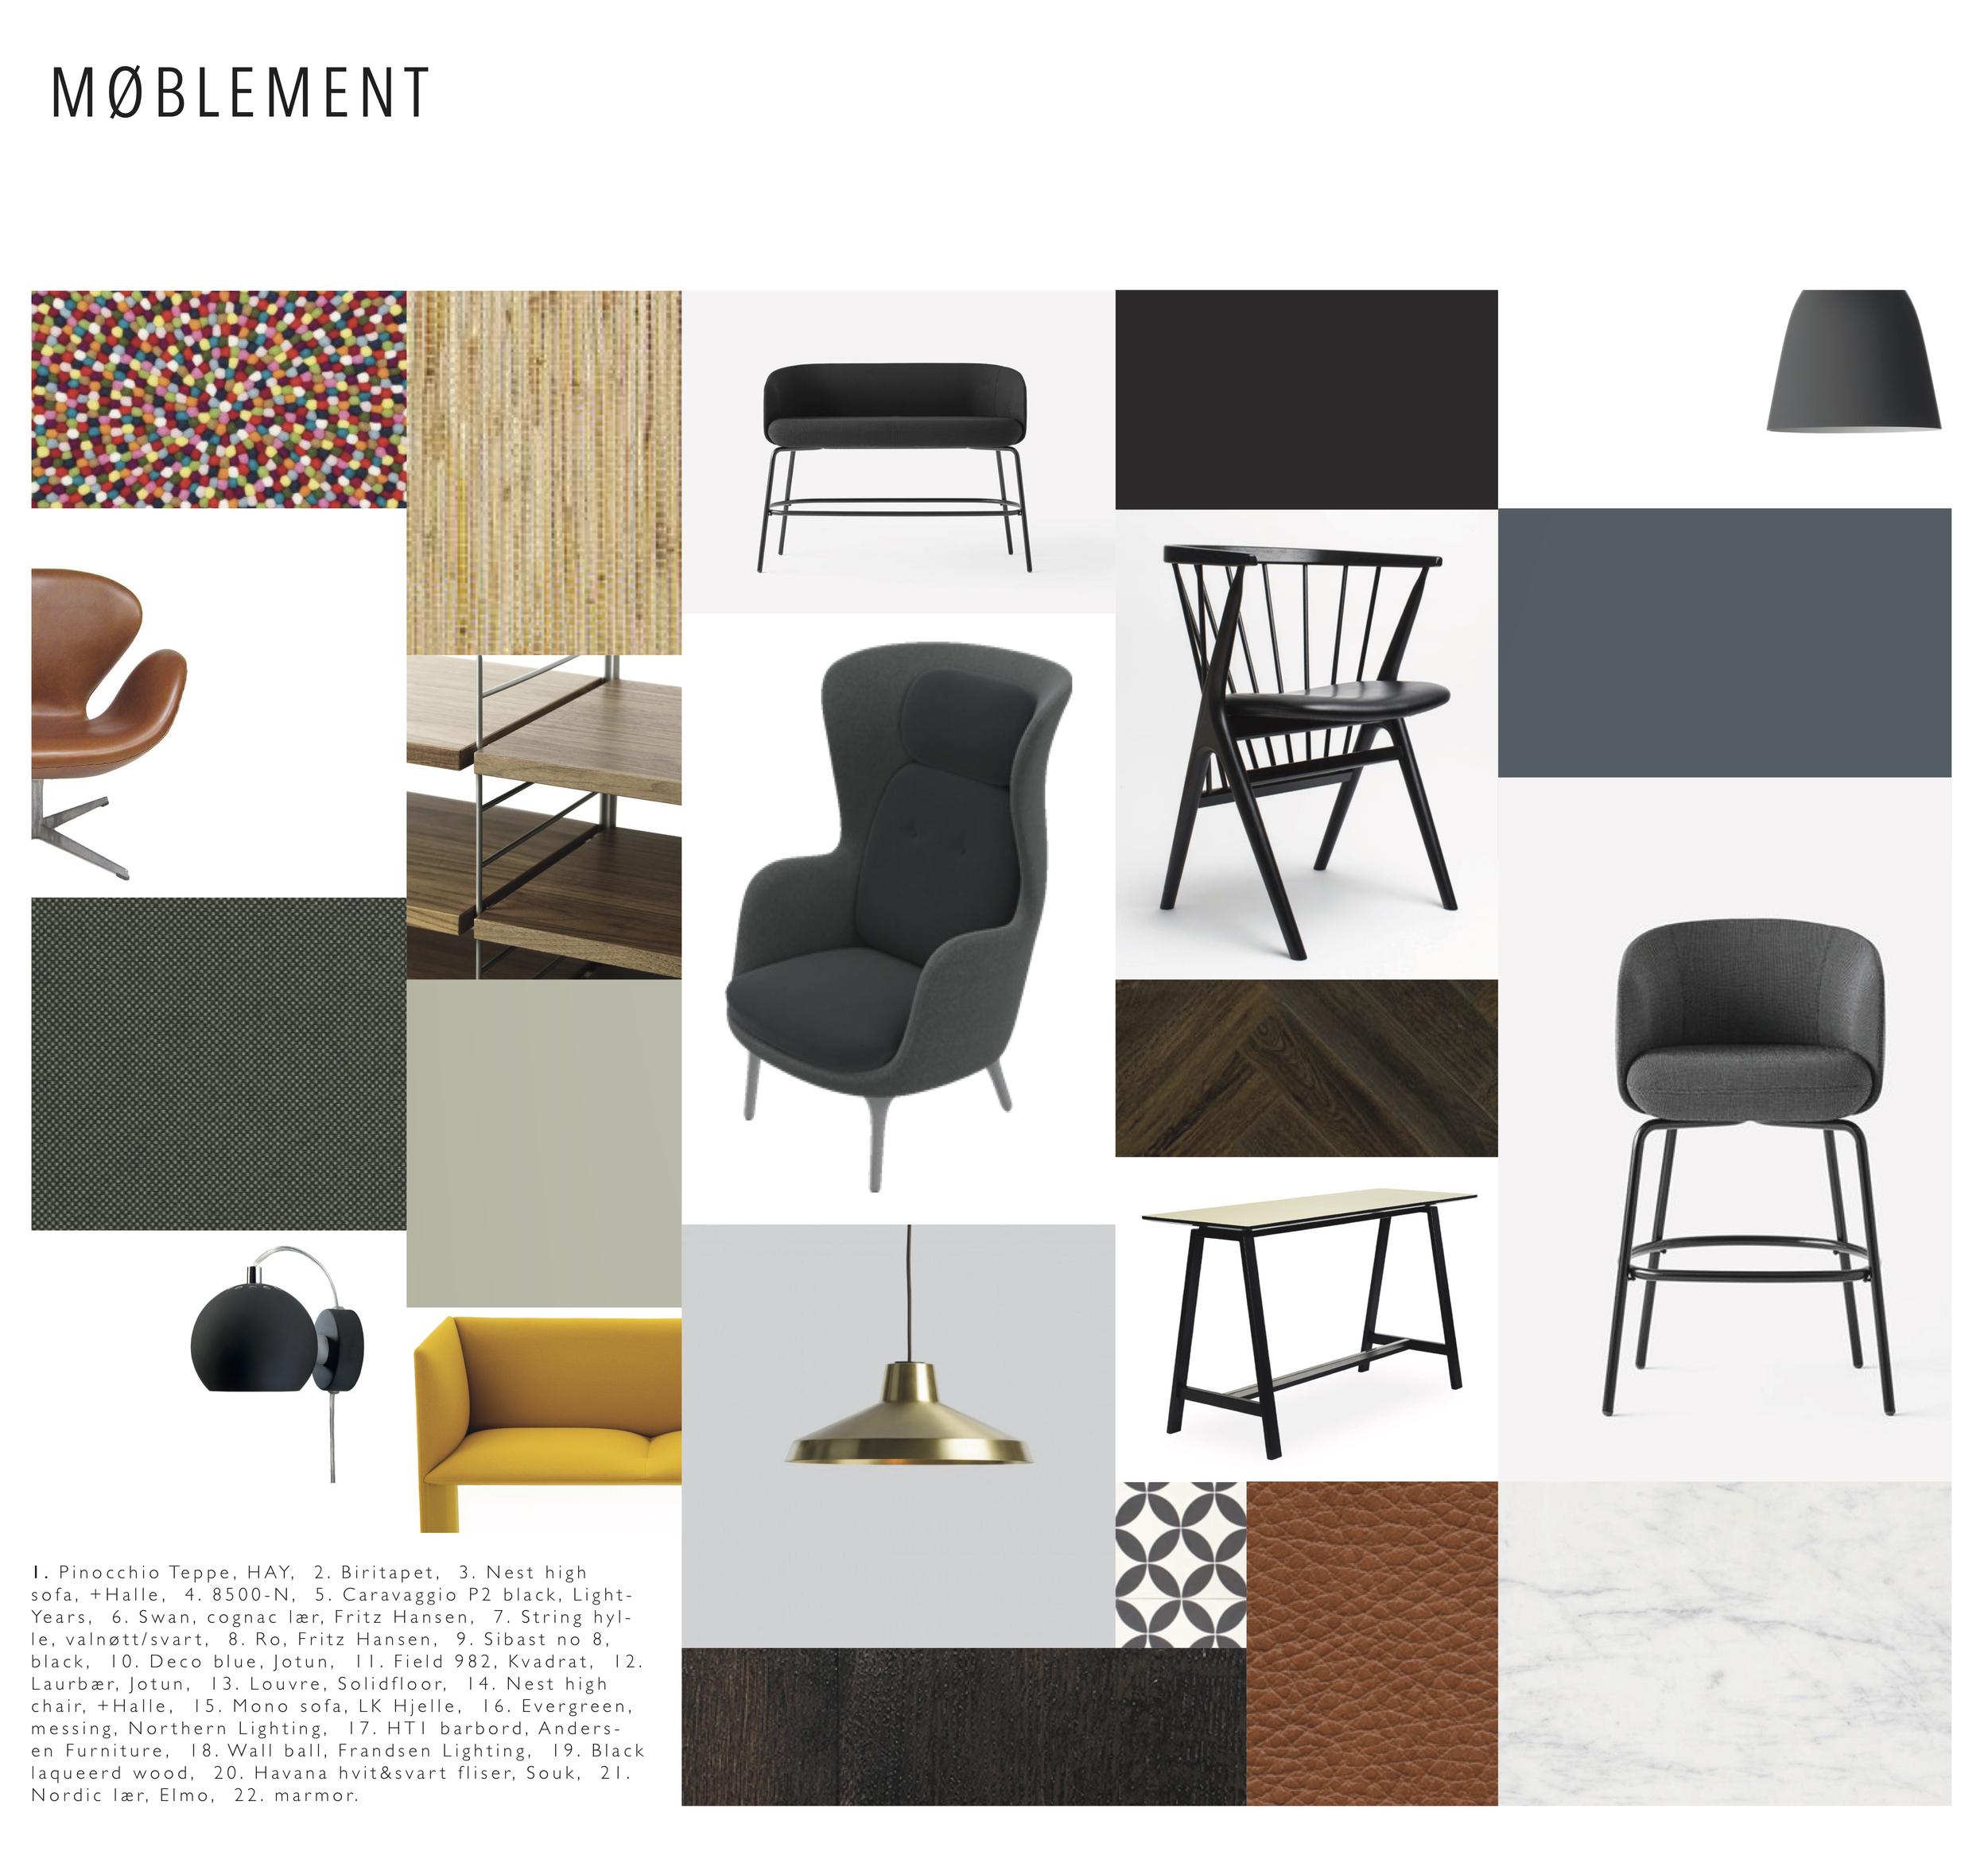 Deler av møblement, farger og materialer som er valgt til prosjektet